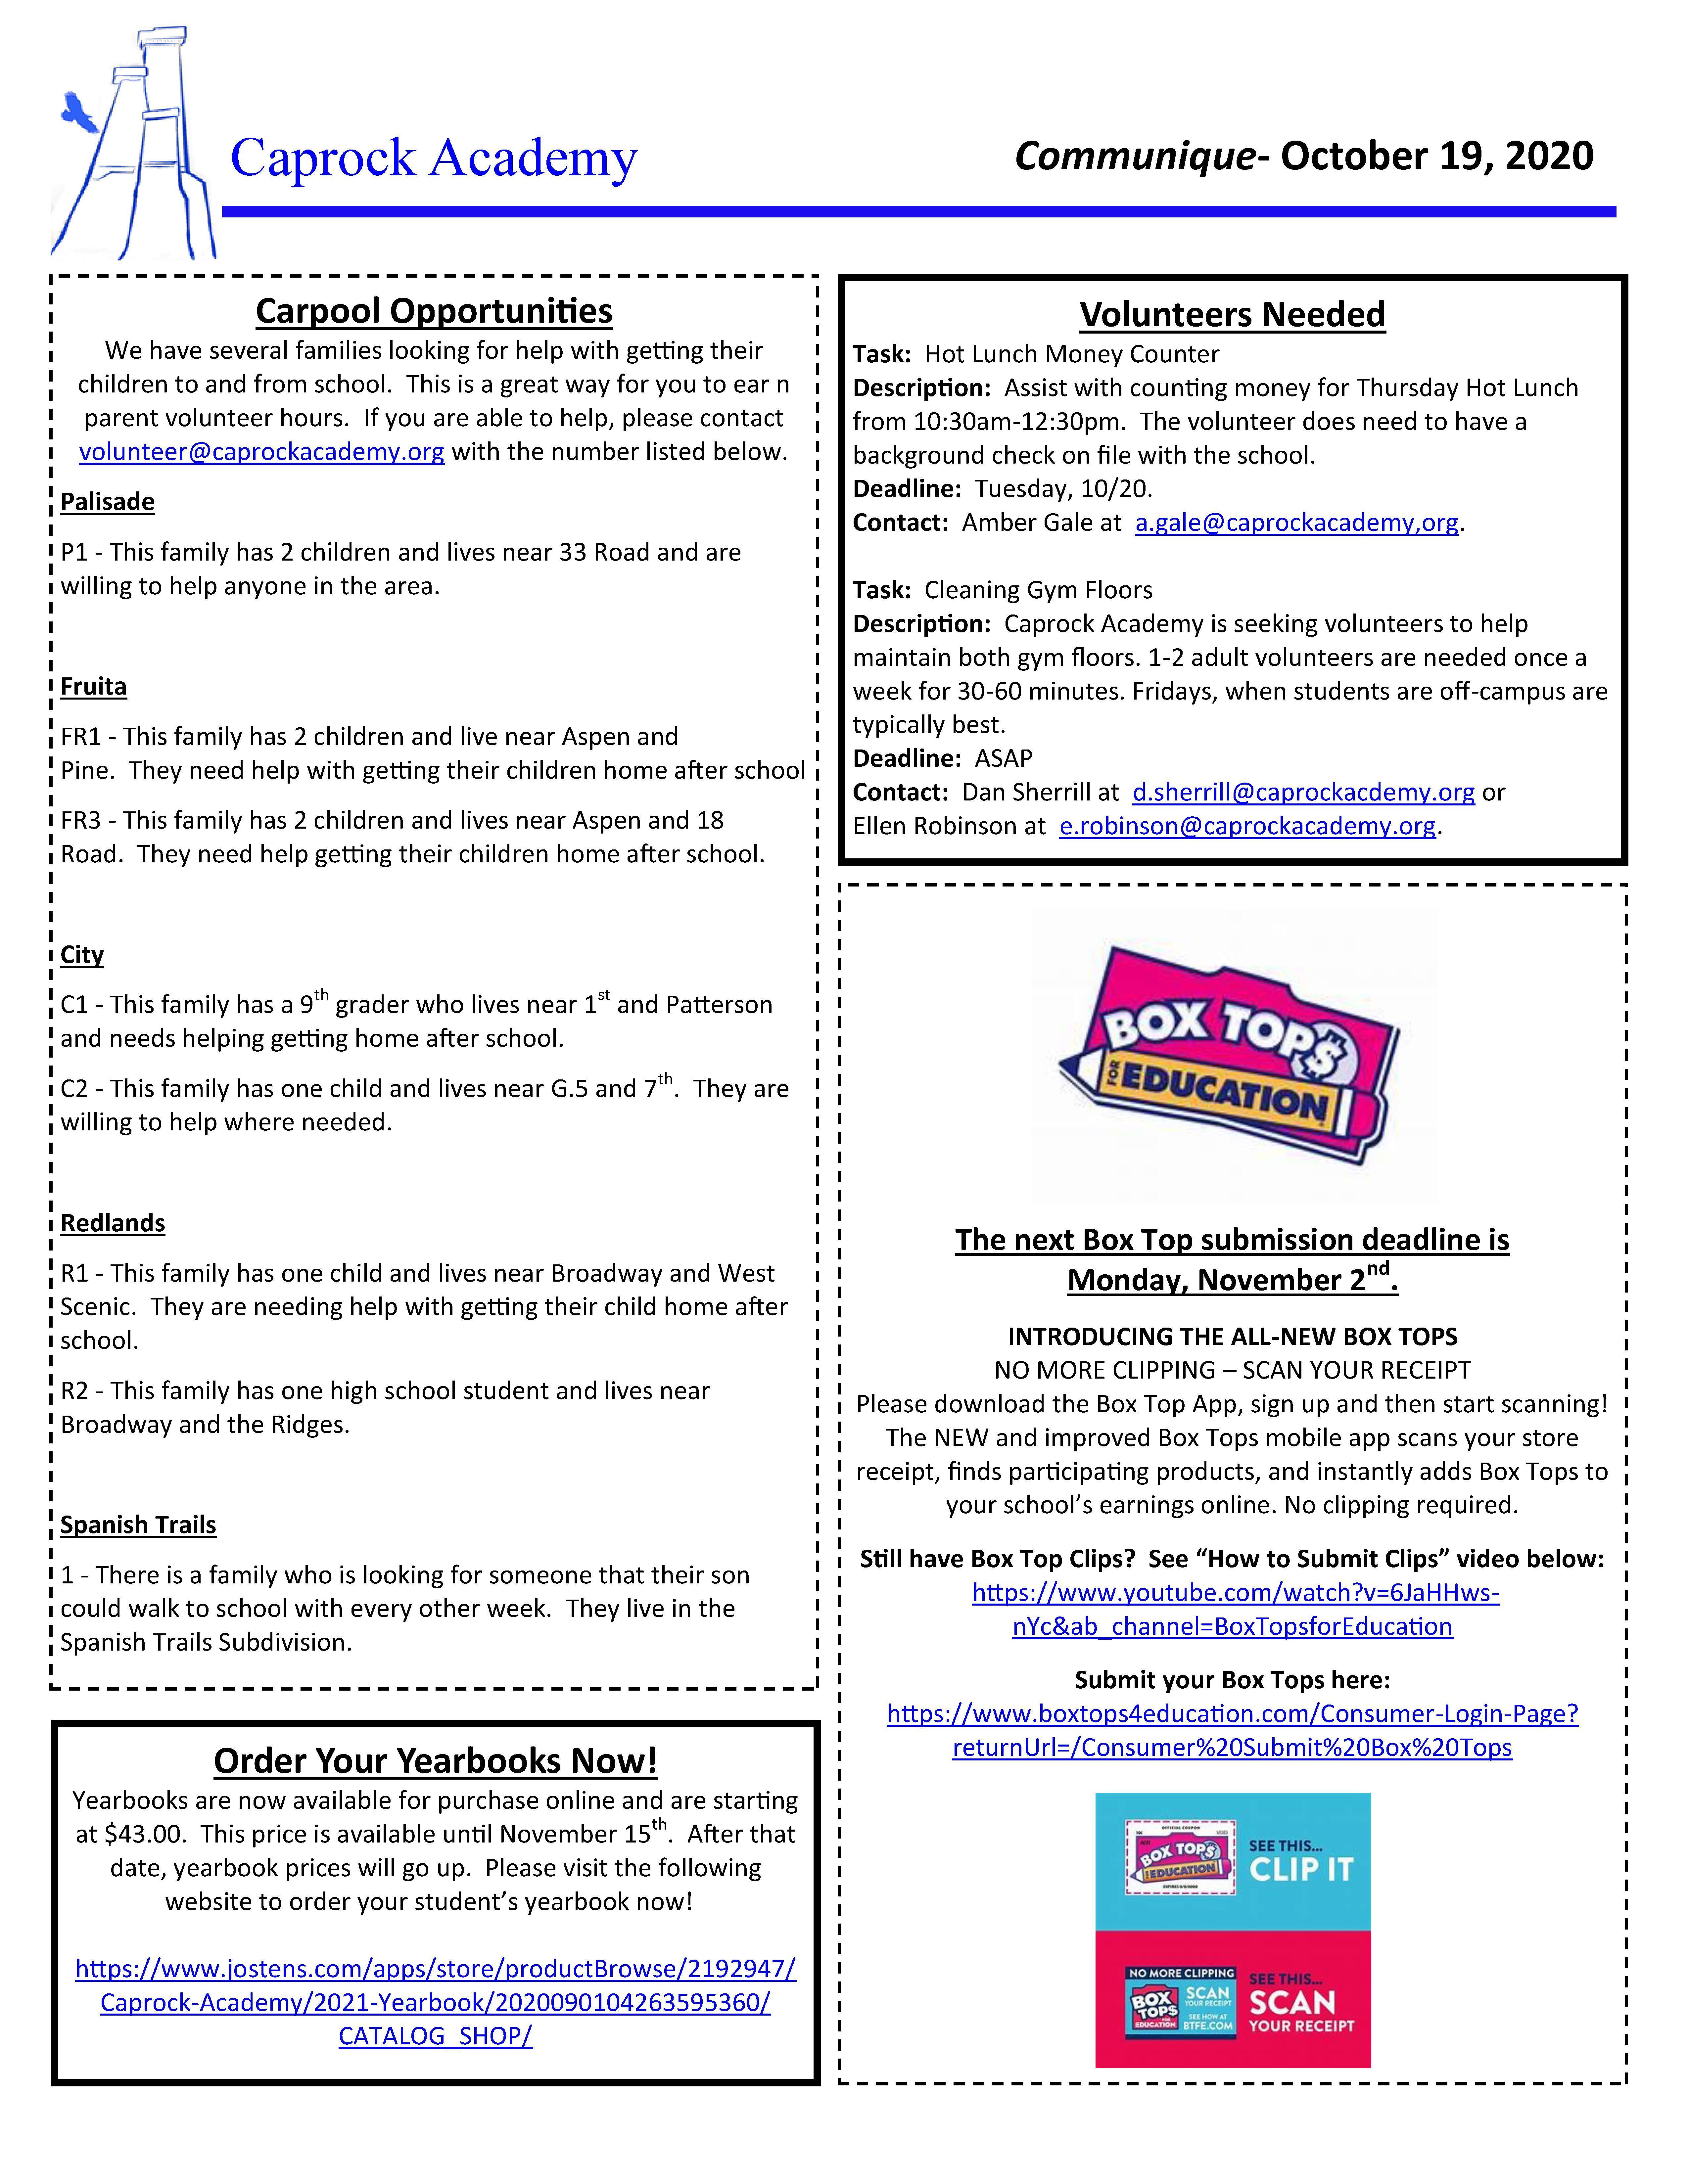 Communique 10-19-20 page 2 of 2